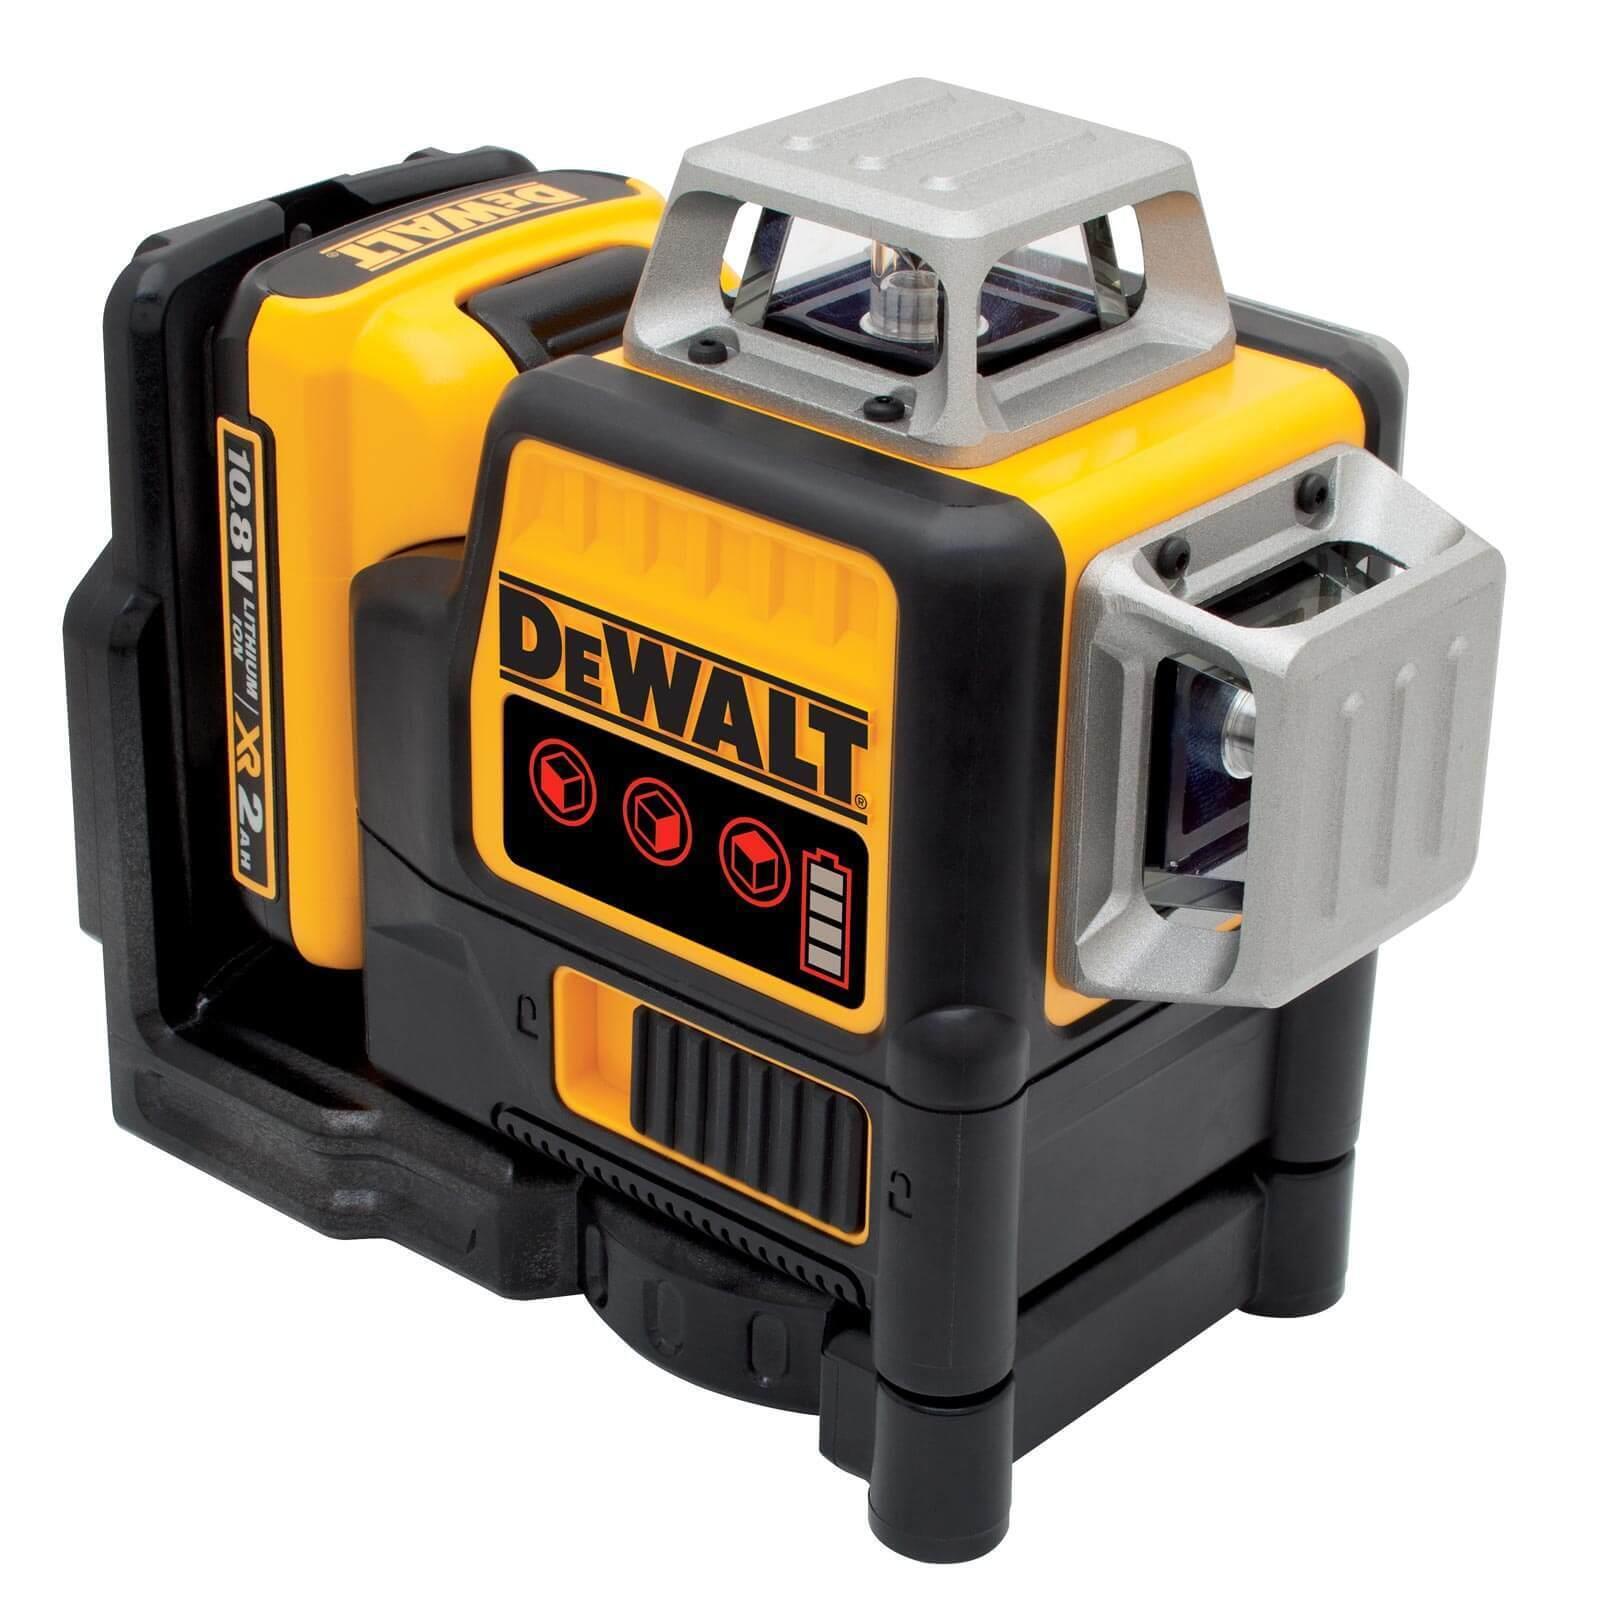 DeWALT Multilinienlaser DCE089D1R-QW 3x 360 Grad rot - Laser im Set 10,8 V 2 Ah